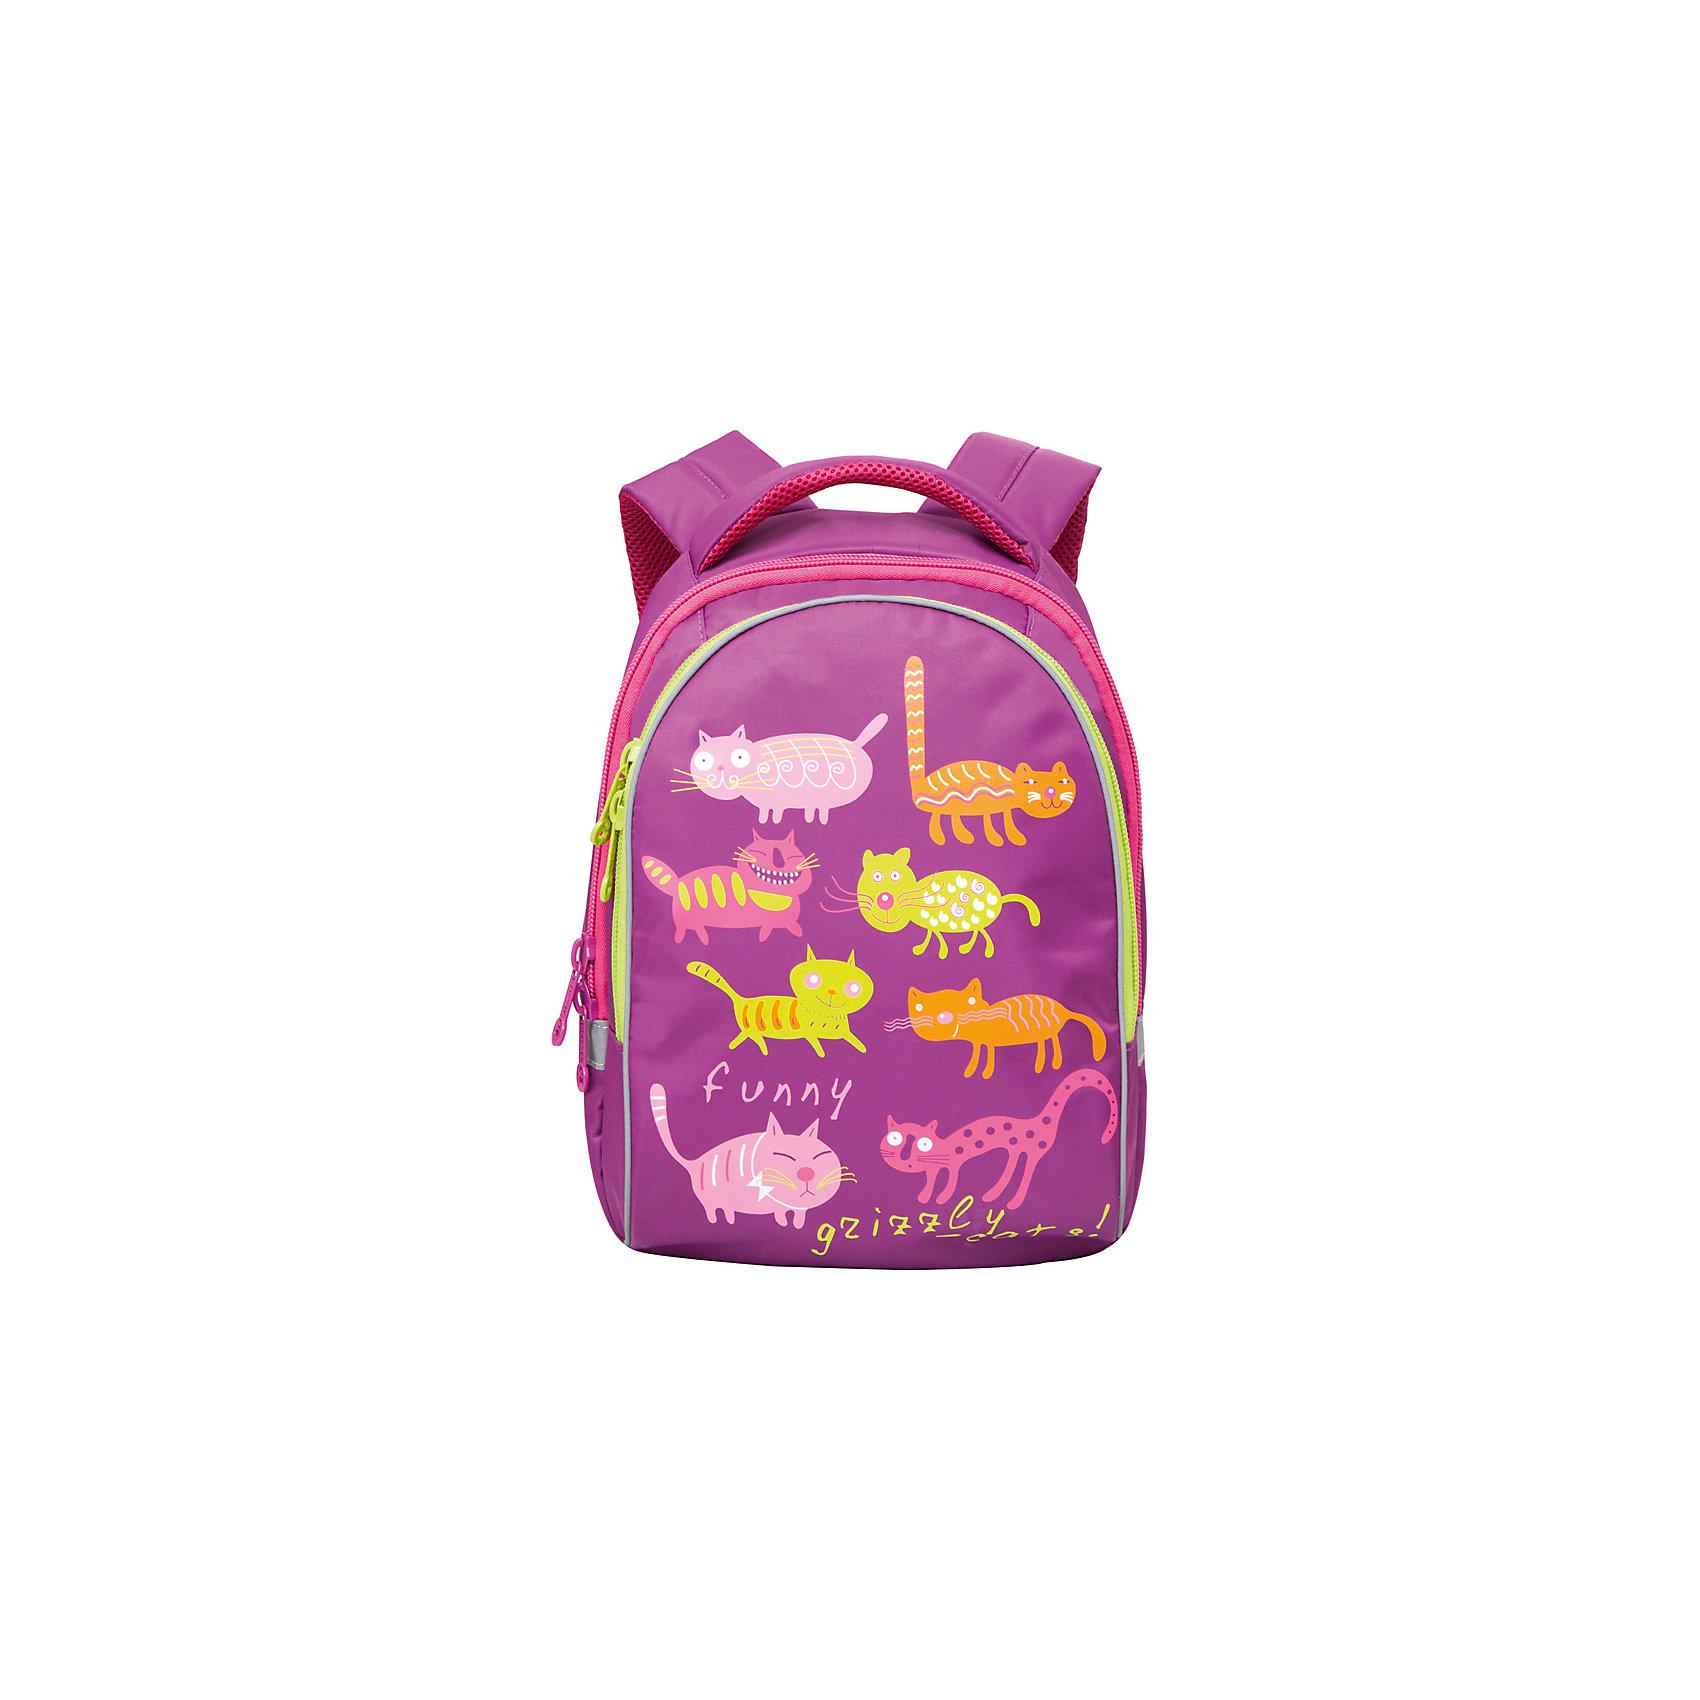 Рюкзак школьный Grizzly Funny cats, лиловыйРюкзаки<br>Яркий школьный рюкзак для девочки  с двумя объемными отделениями и пеналом-органайзером для канцелярии на лицевой стороне украшен забавных кошечек.<br><br>Дополнительная информация:<br><br>два отделения, <br>боковые карманы из сетки, <br>внутренний карман-пенал для карандашей, <br>жесткая ортопедическая спинка, <br>мягкая укрепленная ручка, <br>укрепленные регулируемые лямки, <br>светоотражающие элементы с четырех сторон<br>вес: 670 г<br>размер: 28х41х20см<br><br>Рюкзак школьный Funny cats, лиловый можно купить в нашем магазине.<br><br>Ширина мм: 280<br>Глубина мм: 170<br>Высота мм: 380<br>Вес г: 500<br>Возраст от месяцев: 72<br>Возраст до месяцев: 120<br>Пол: Женский<br>Возраст: Детский<br>SKU: 4632777